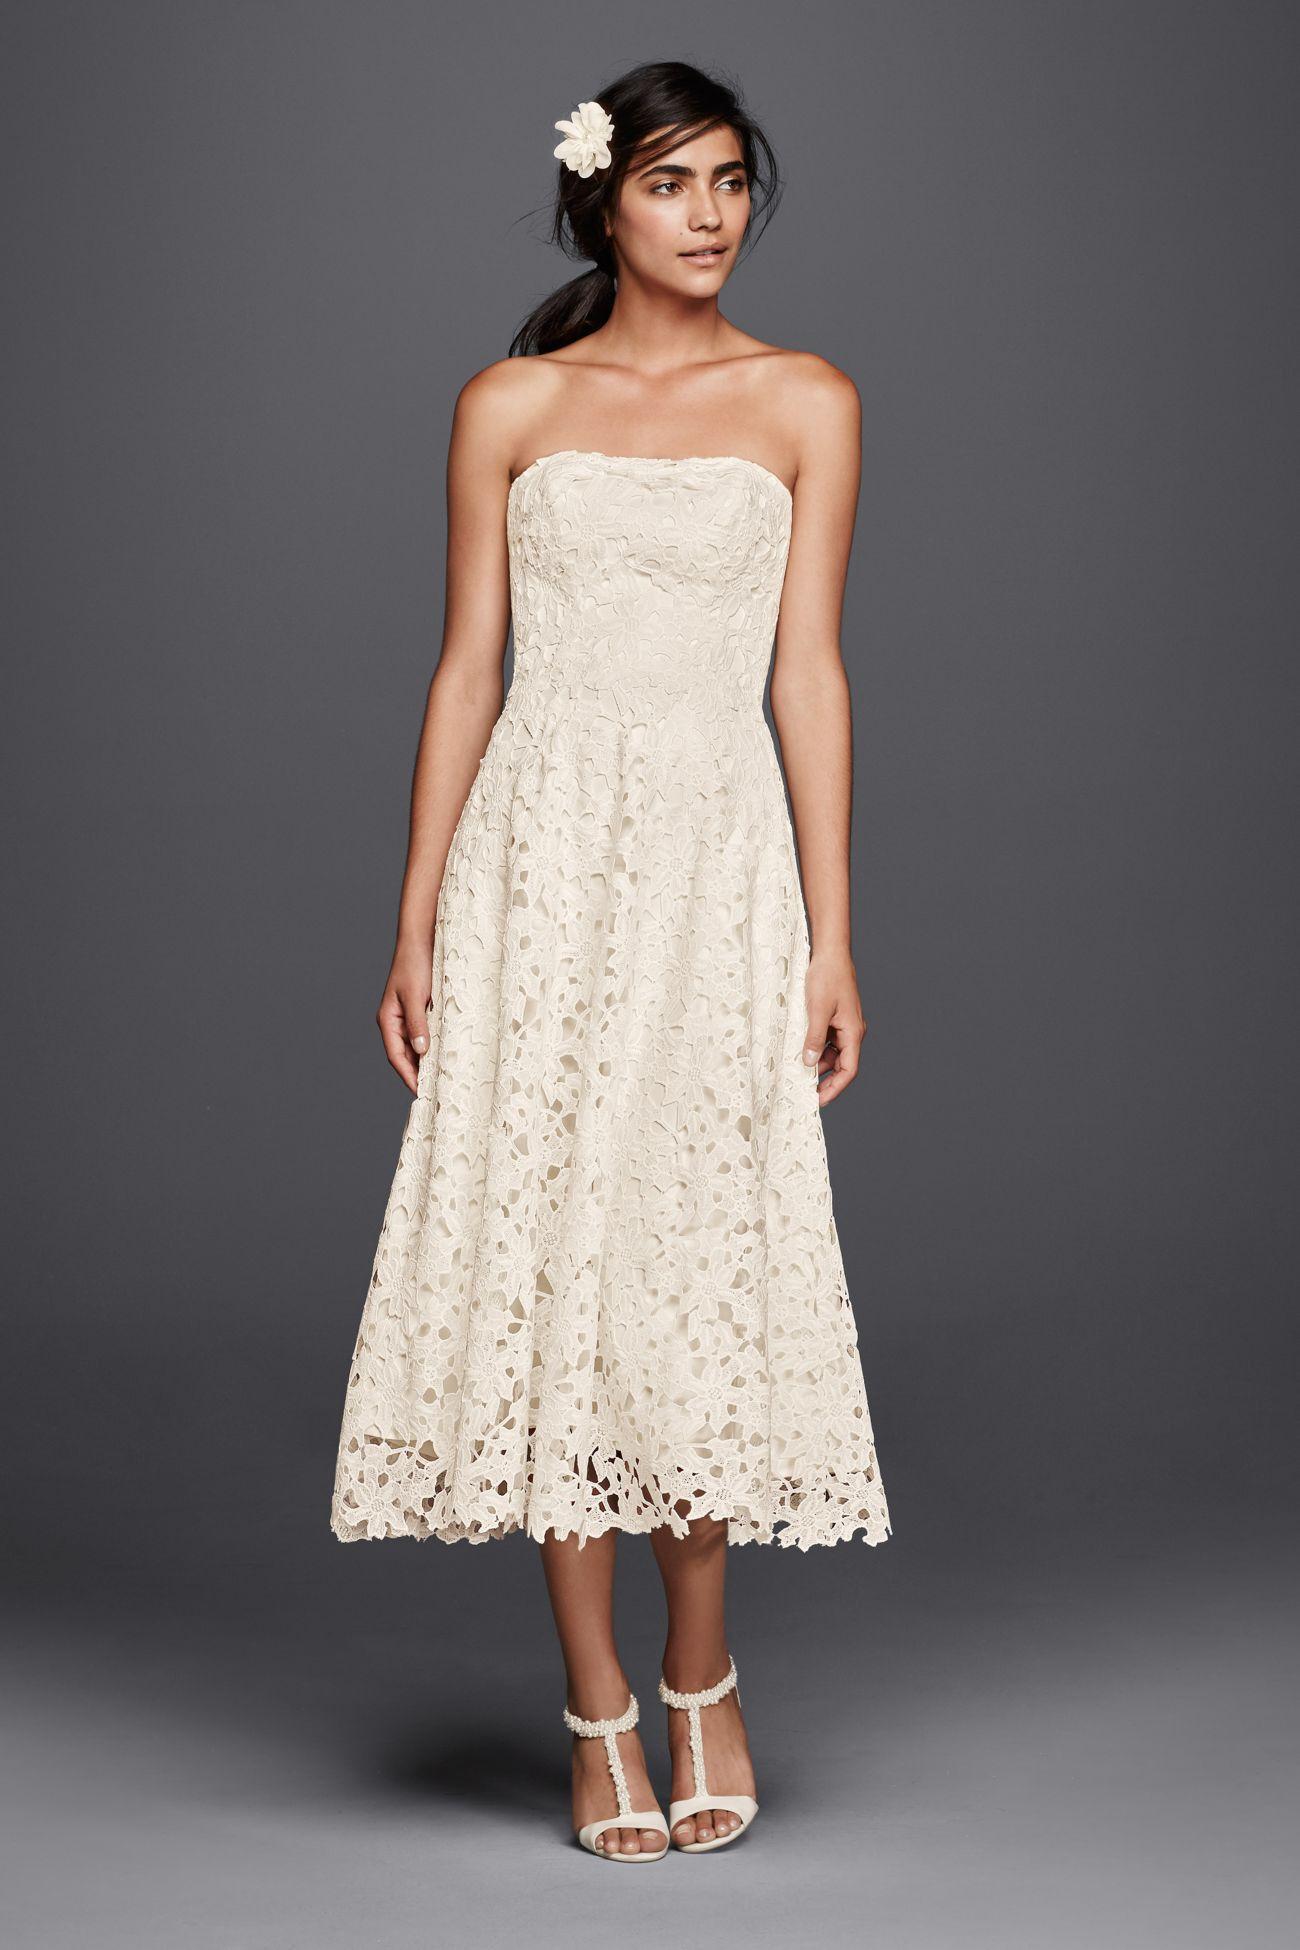 My New Favorite! www.davidsbridal.com/10512563 | MIDI dress ...